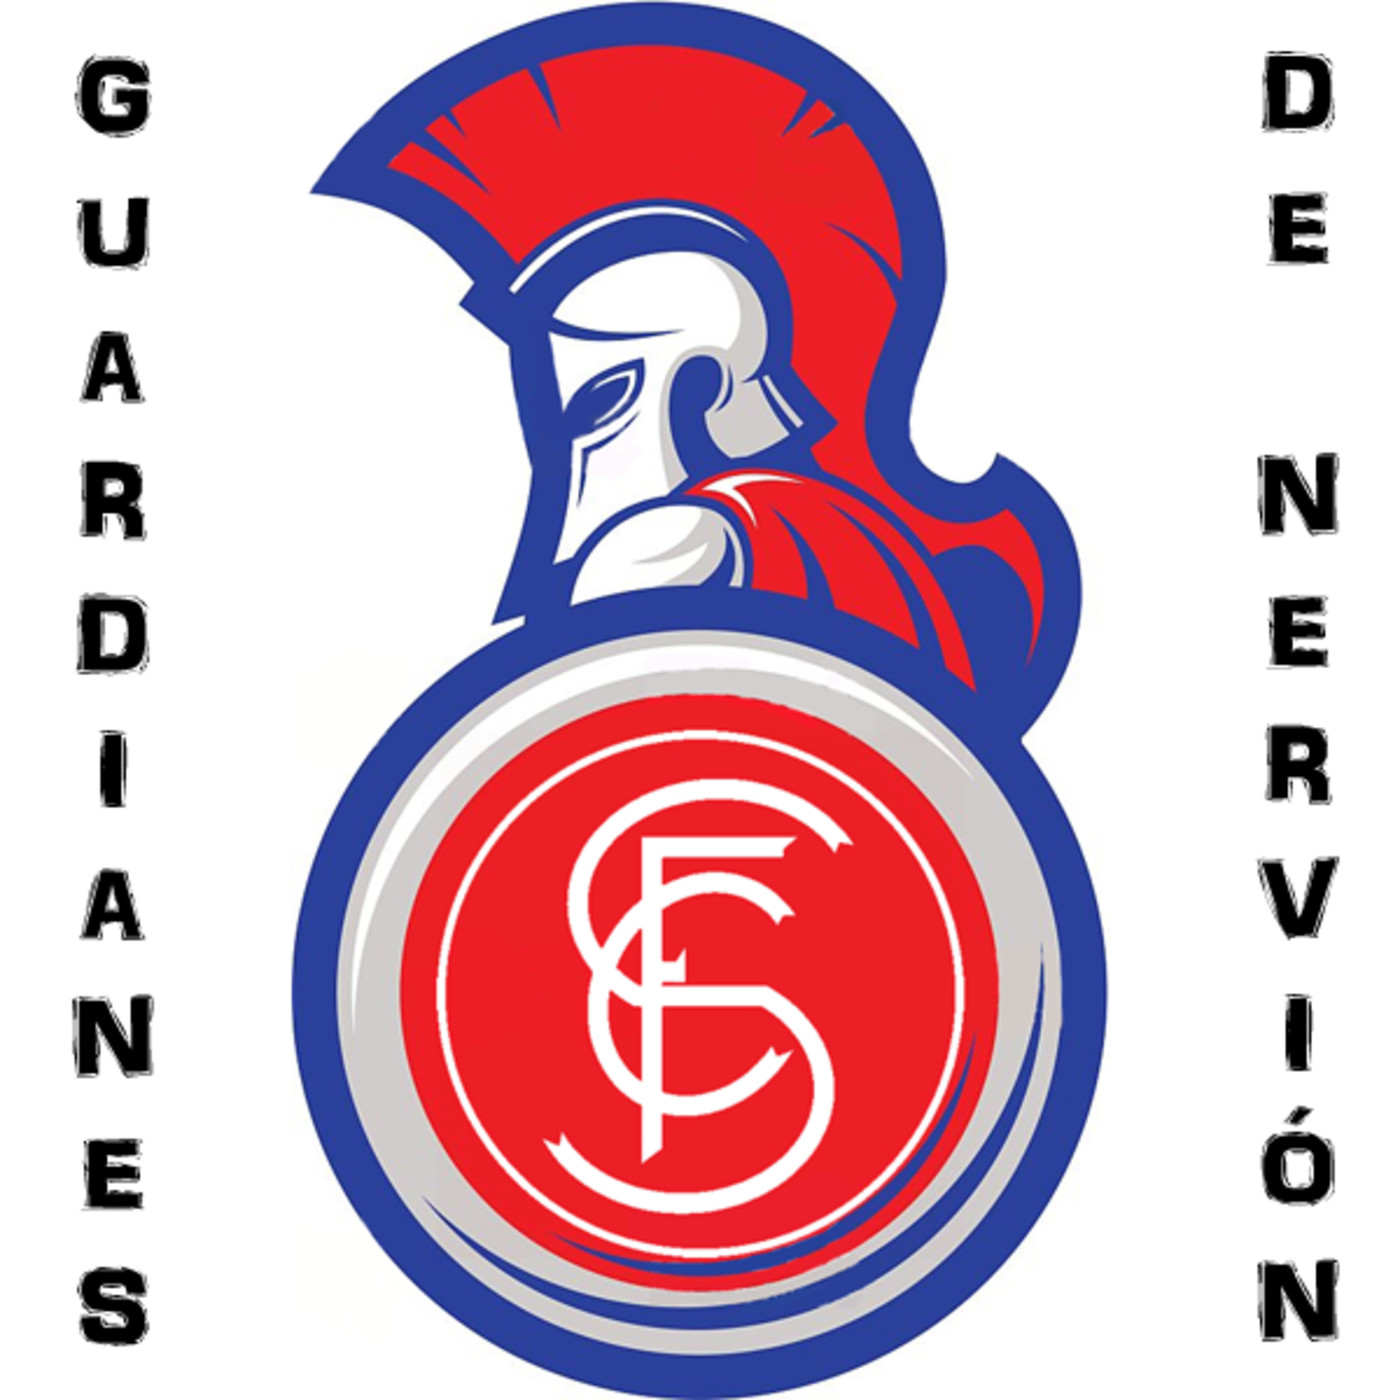 Guardianes de Nervión